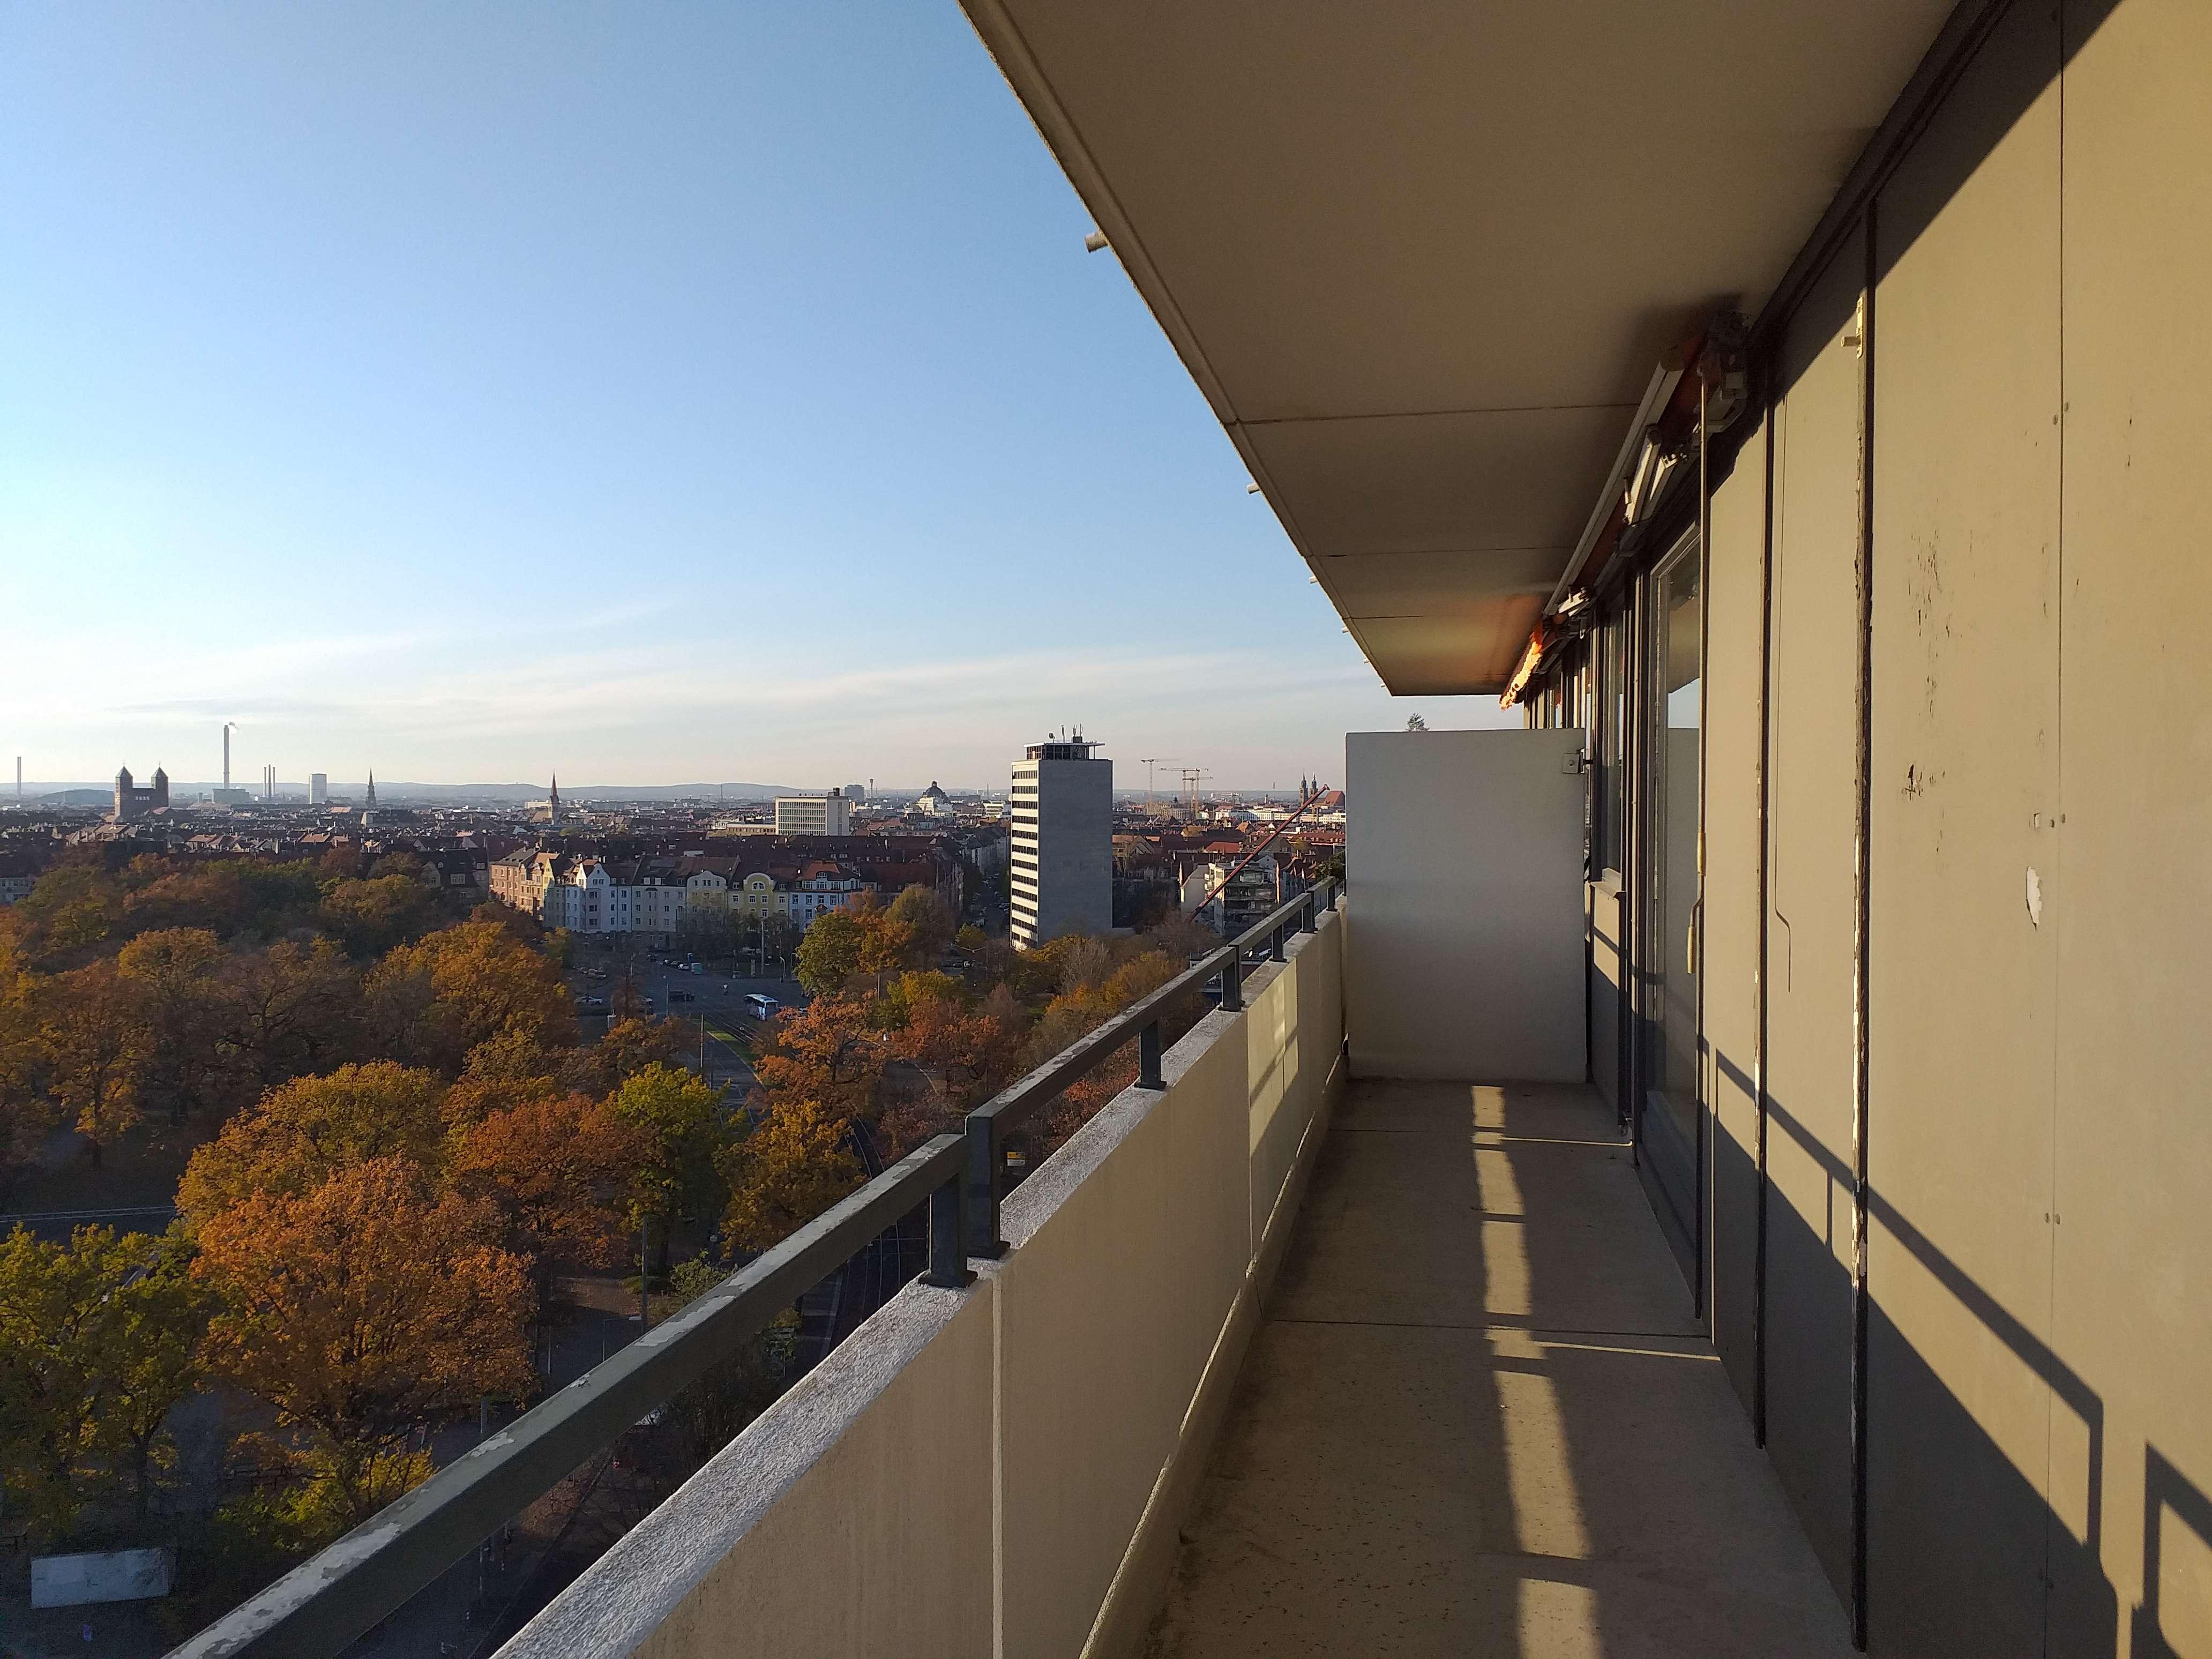 Herrliche 3-Zimmerwohnung mit neuen Panorama-Fenstern, Einbauküche, Fußbodenheizung, Eckbalkon in Ludwigsfeld